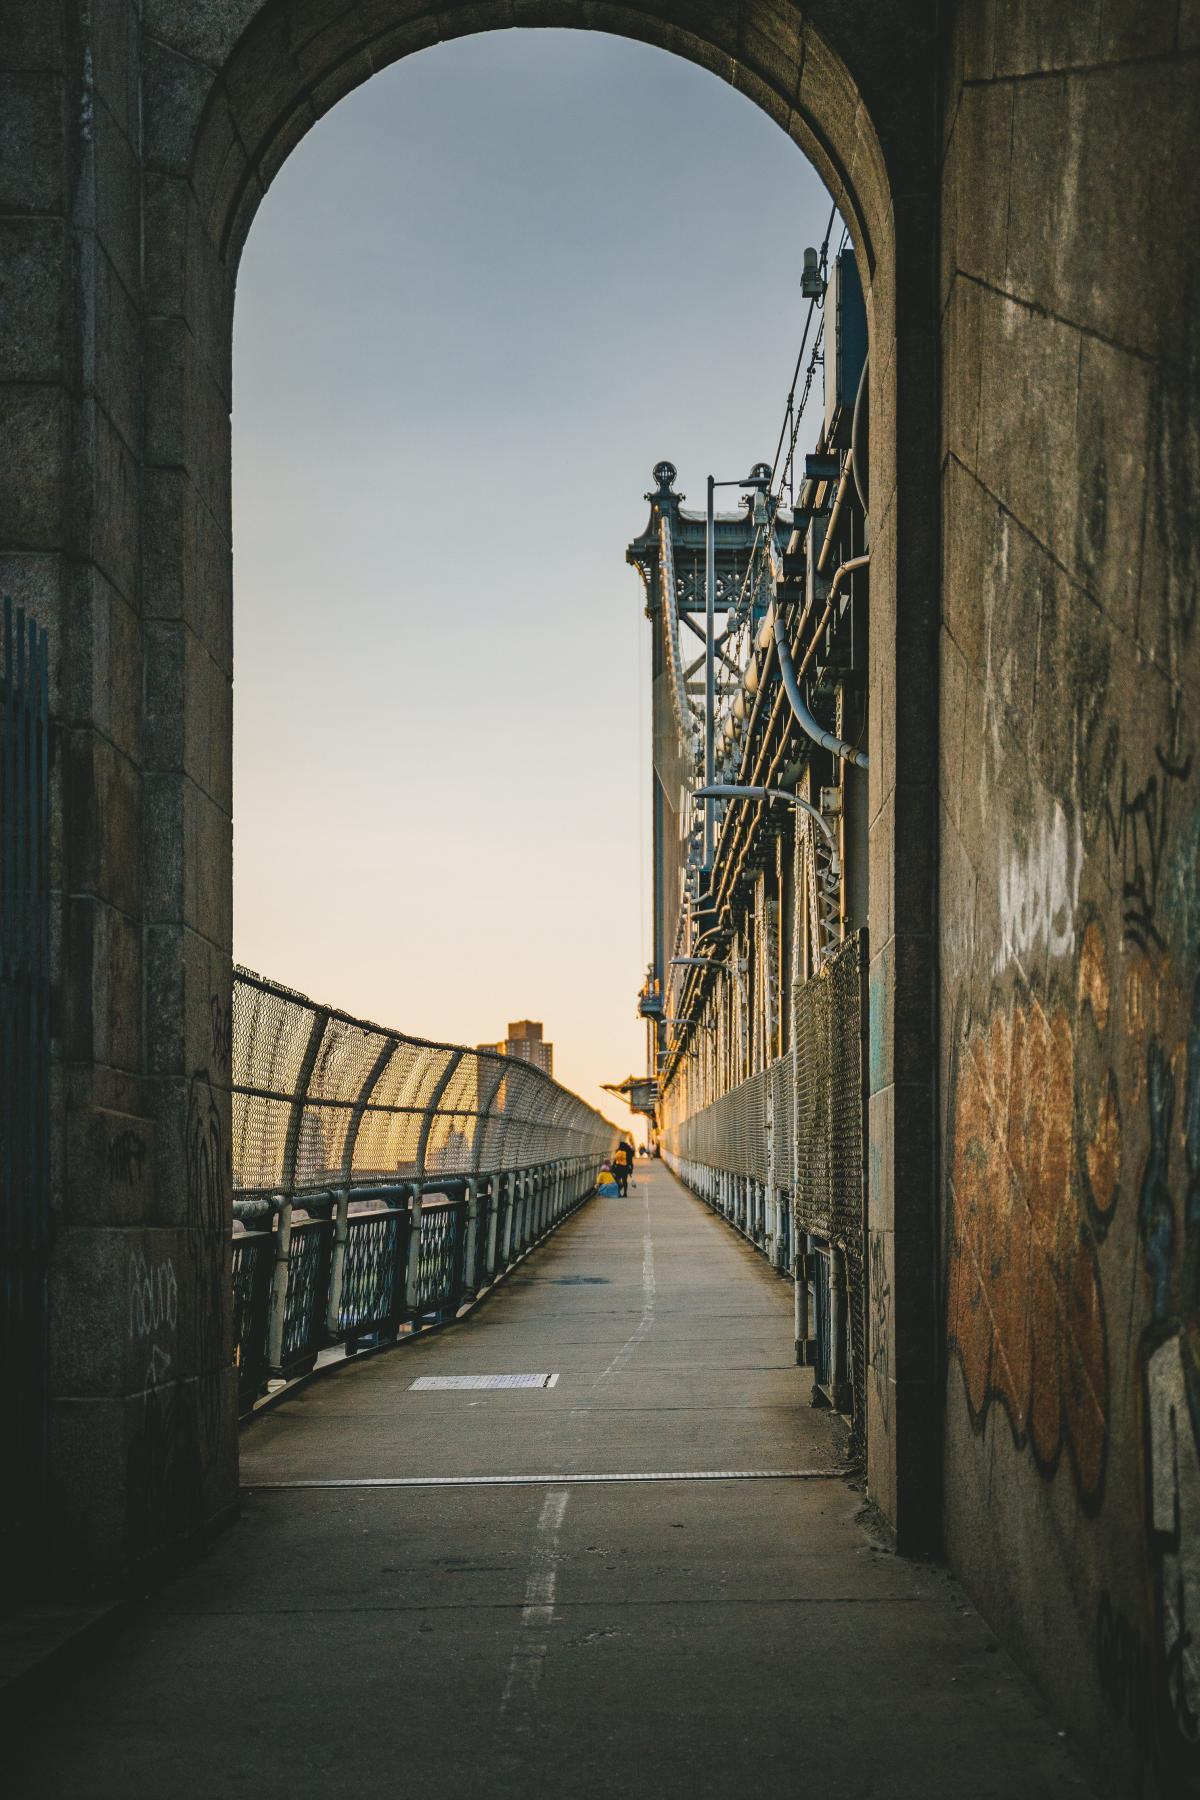 Bridge Suspension bridge Structure #422144